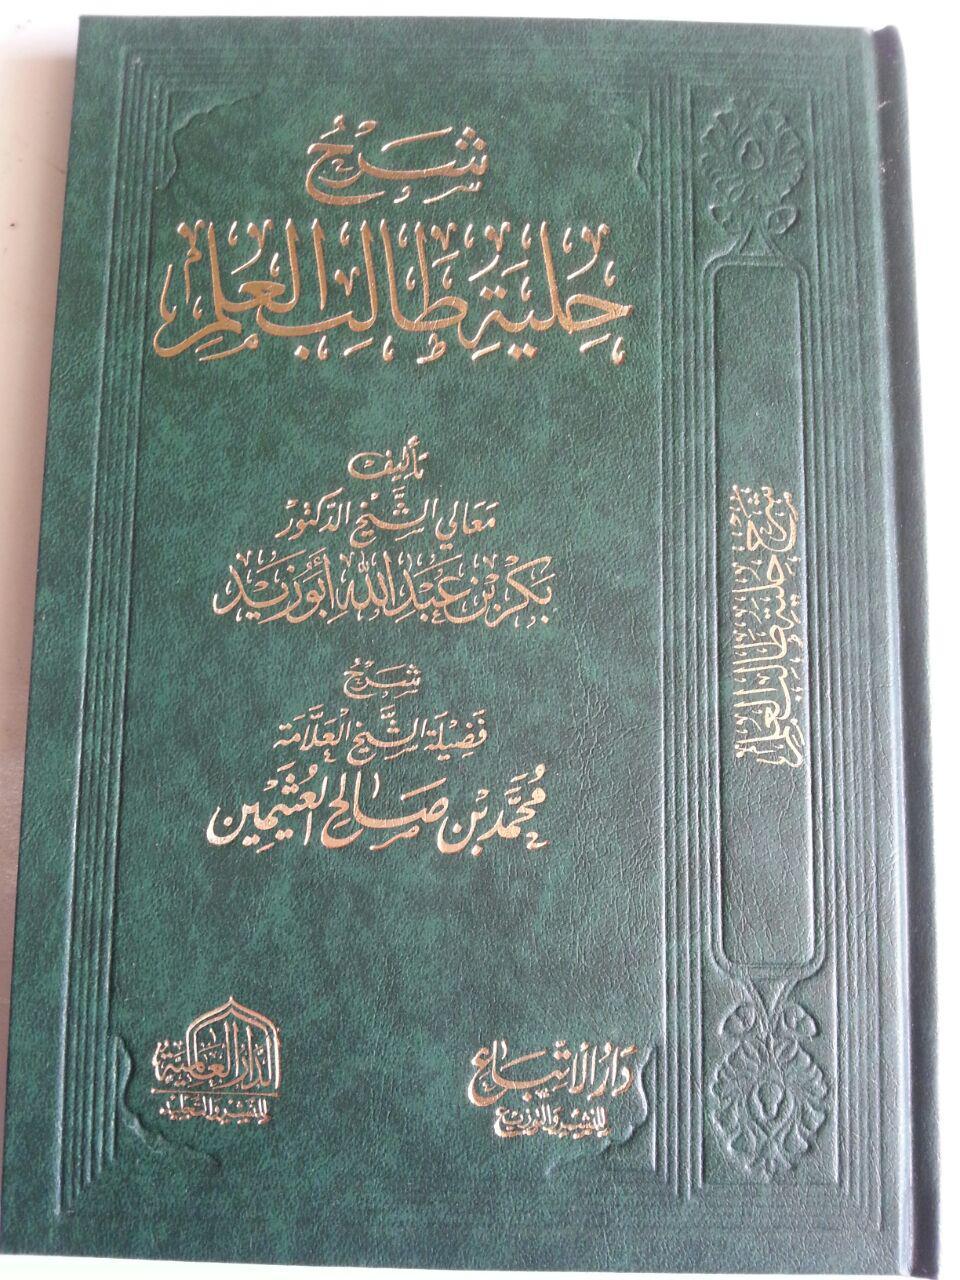 Kitab Syarh Hilyah Thalib Al-Ilmi isi covr